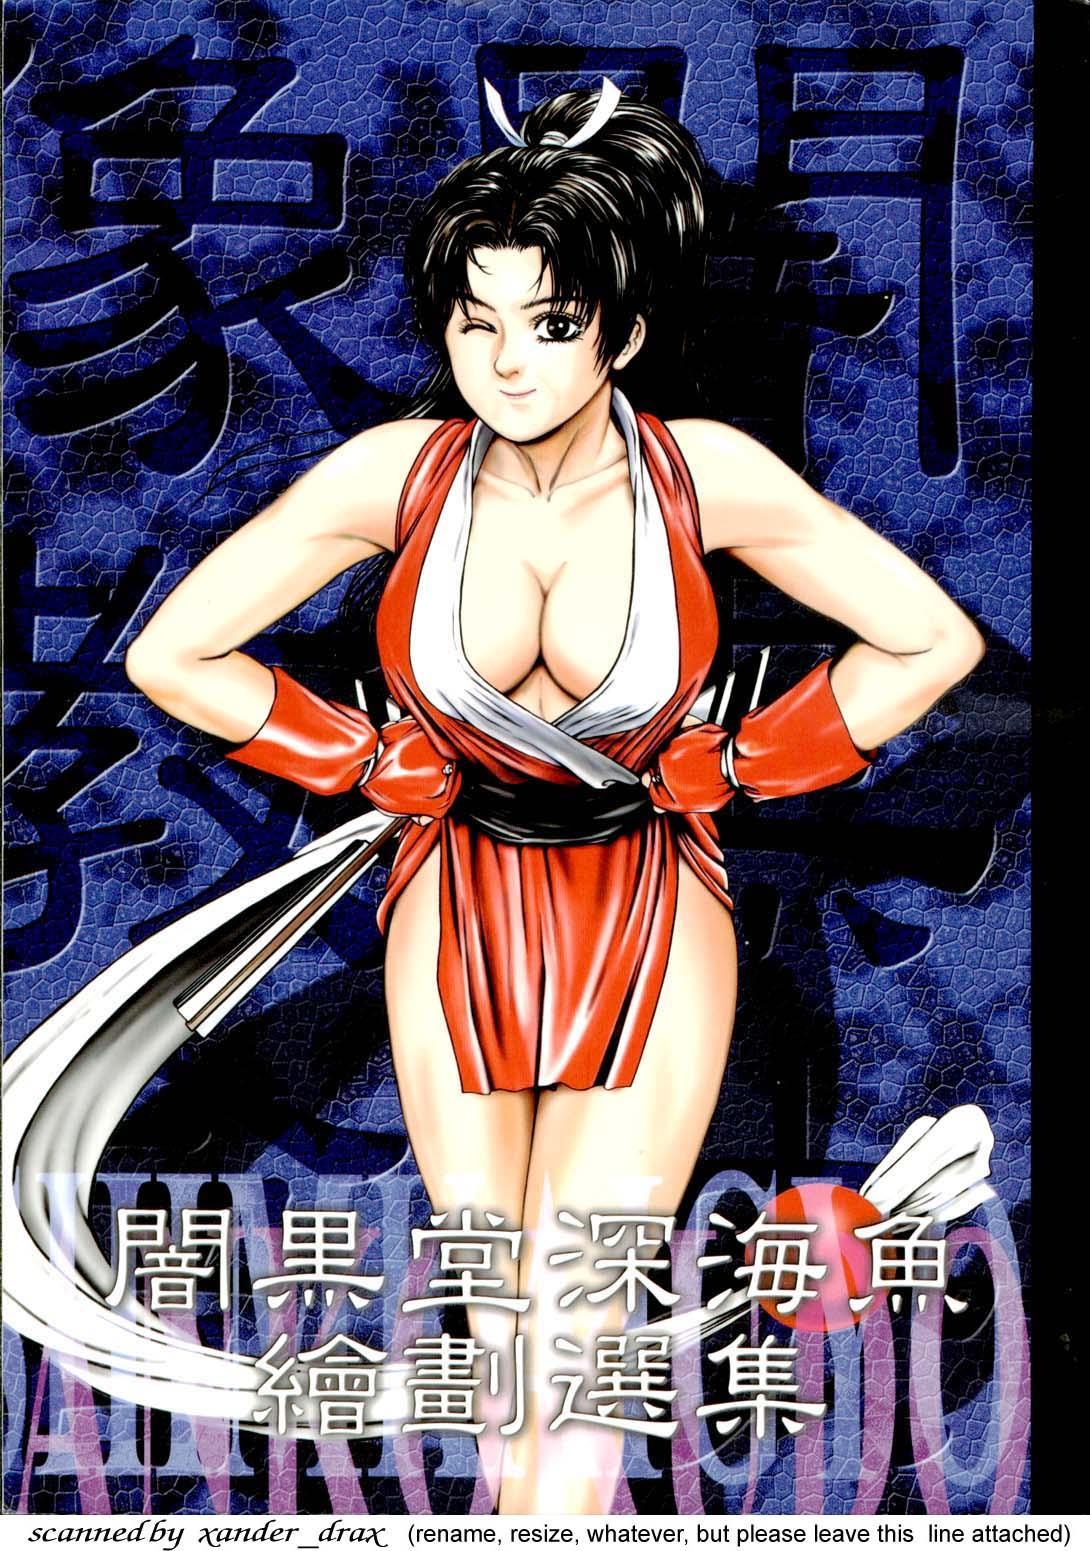 (C56) [ALPS (Ankokudou Shinkaigyo)] Ankoku-dou shinkaigyo e hua xuan-Shuu (Various) 0